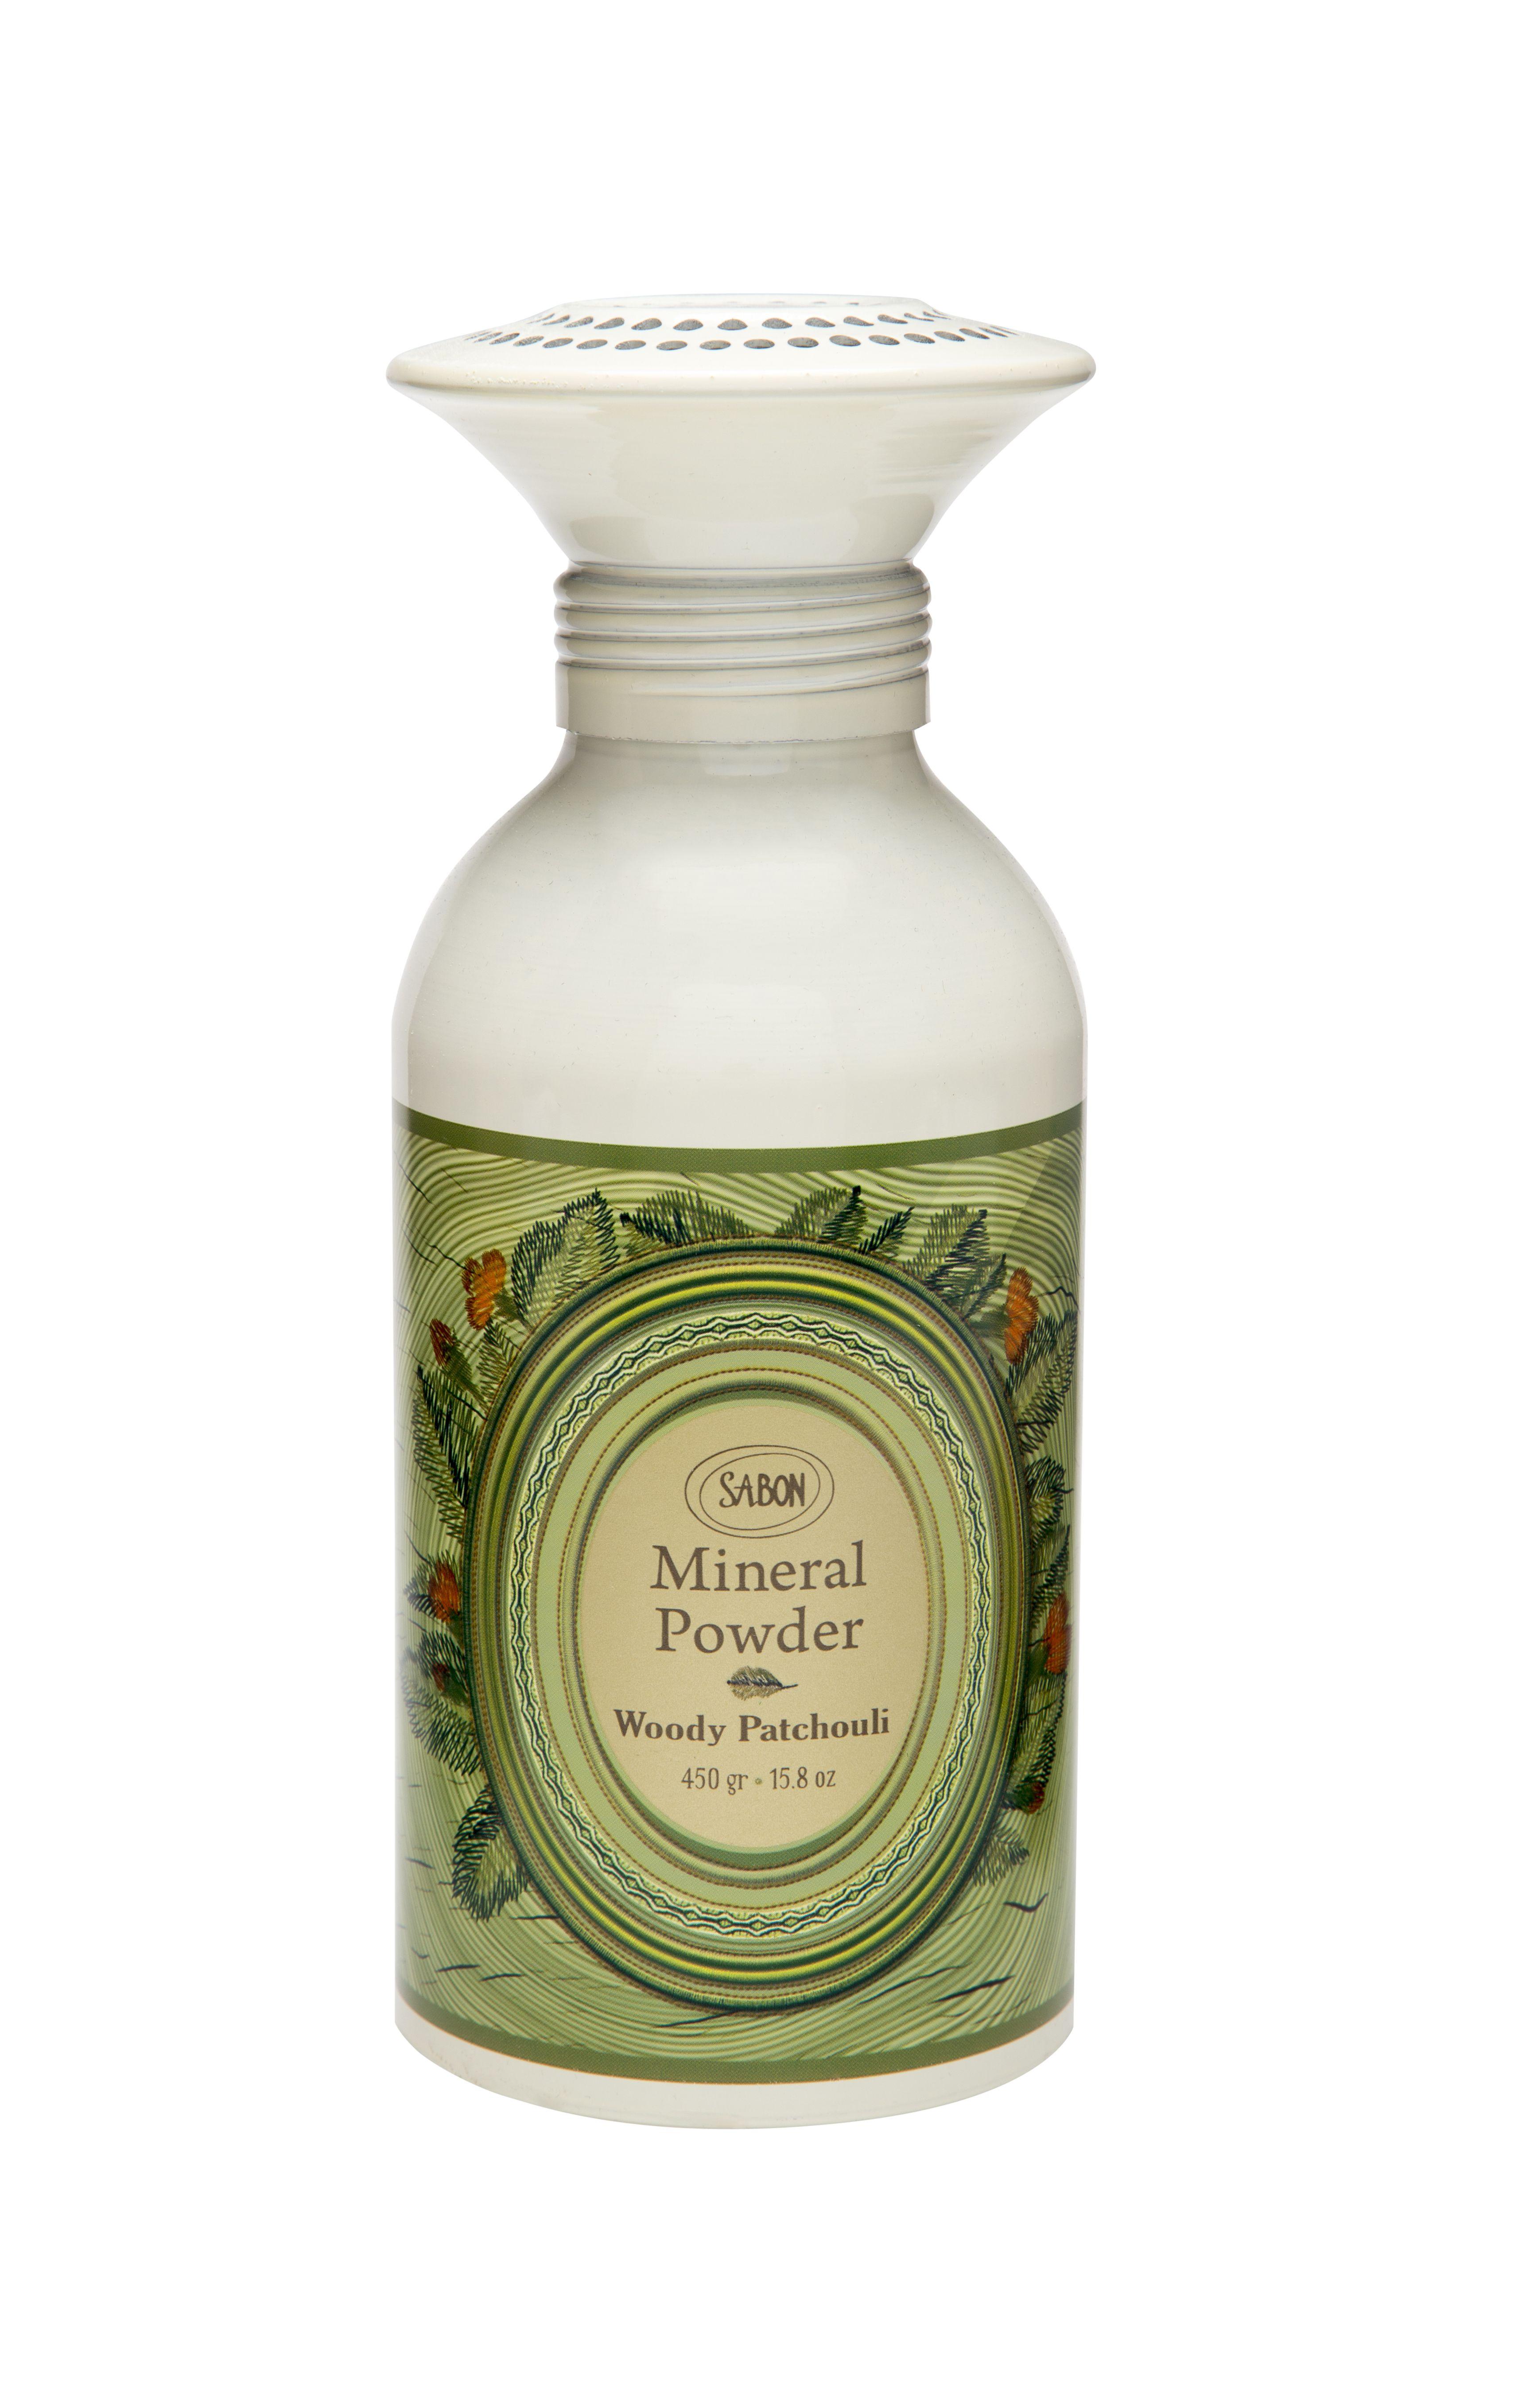 暮光森林礦晶浴鹽 Mineral Powder 450g /NT 1,480